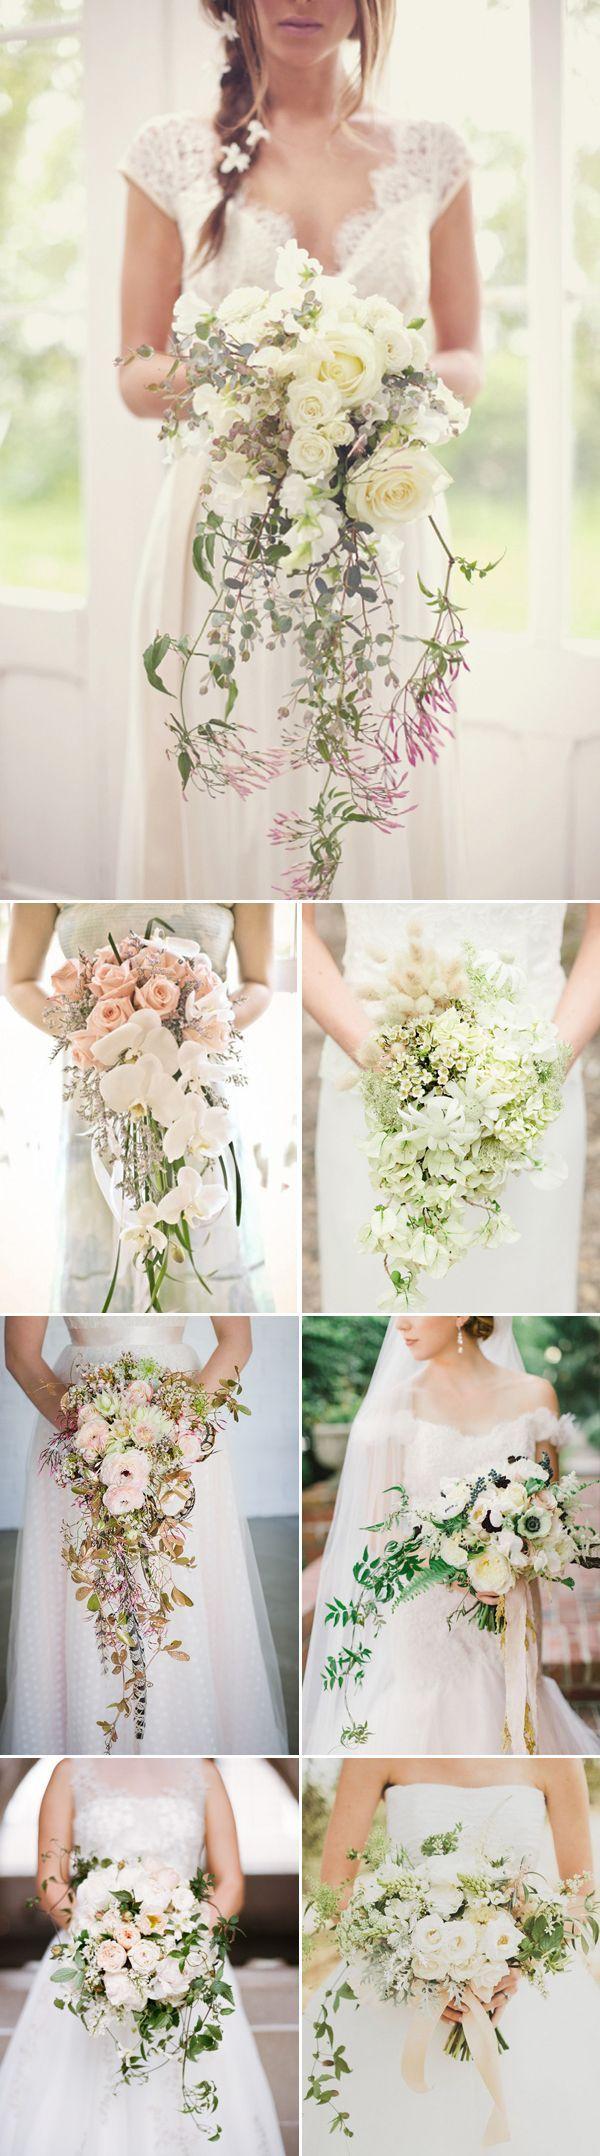 Gorgeous cascade (trailing) bouquets. So romantic